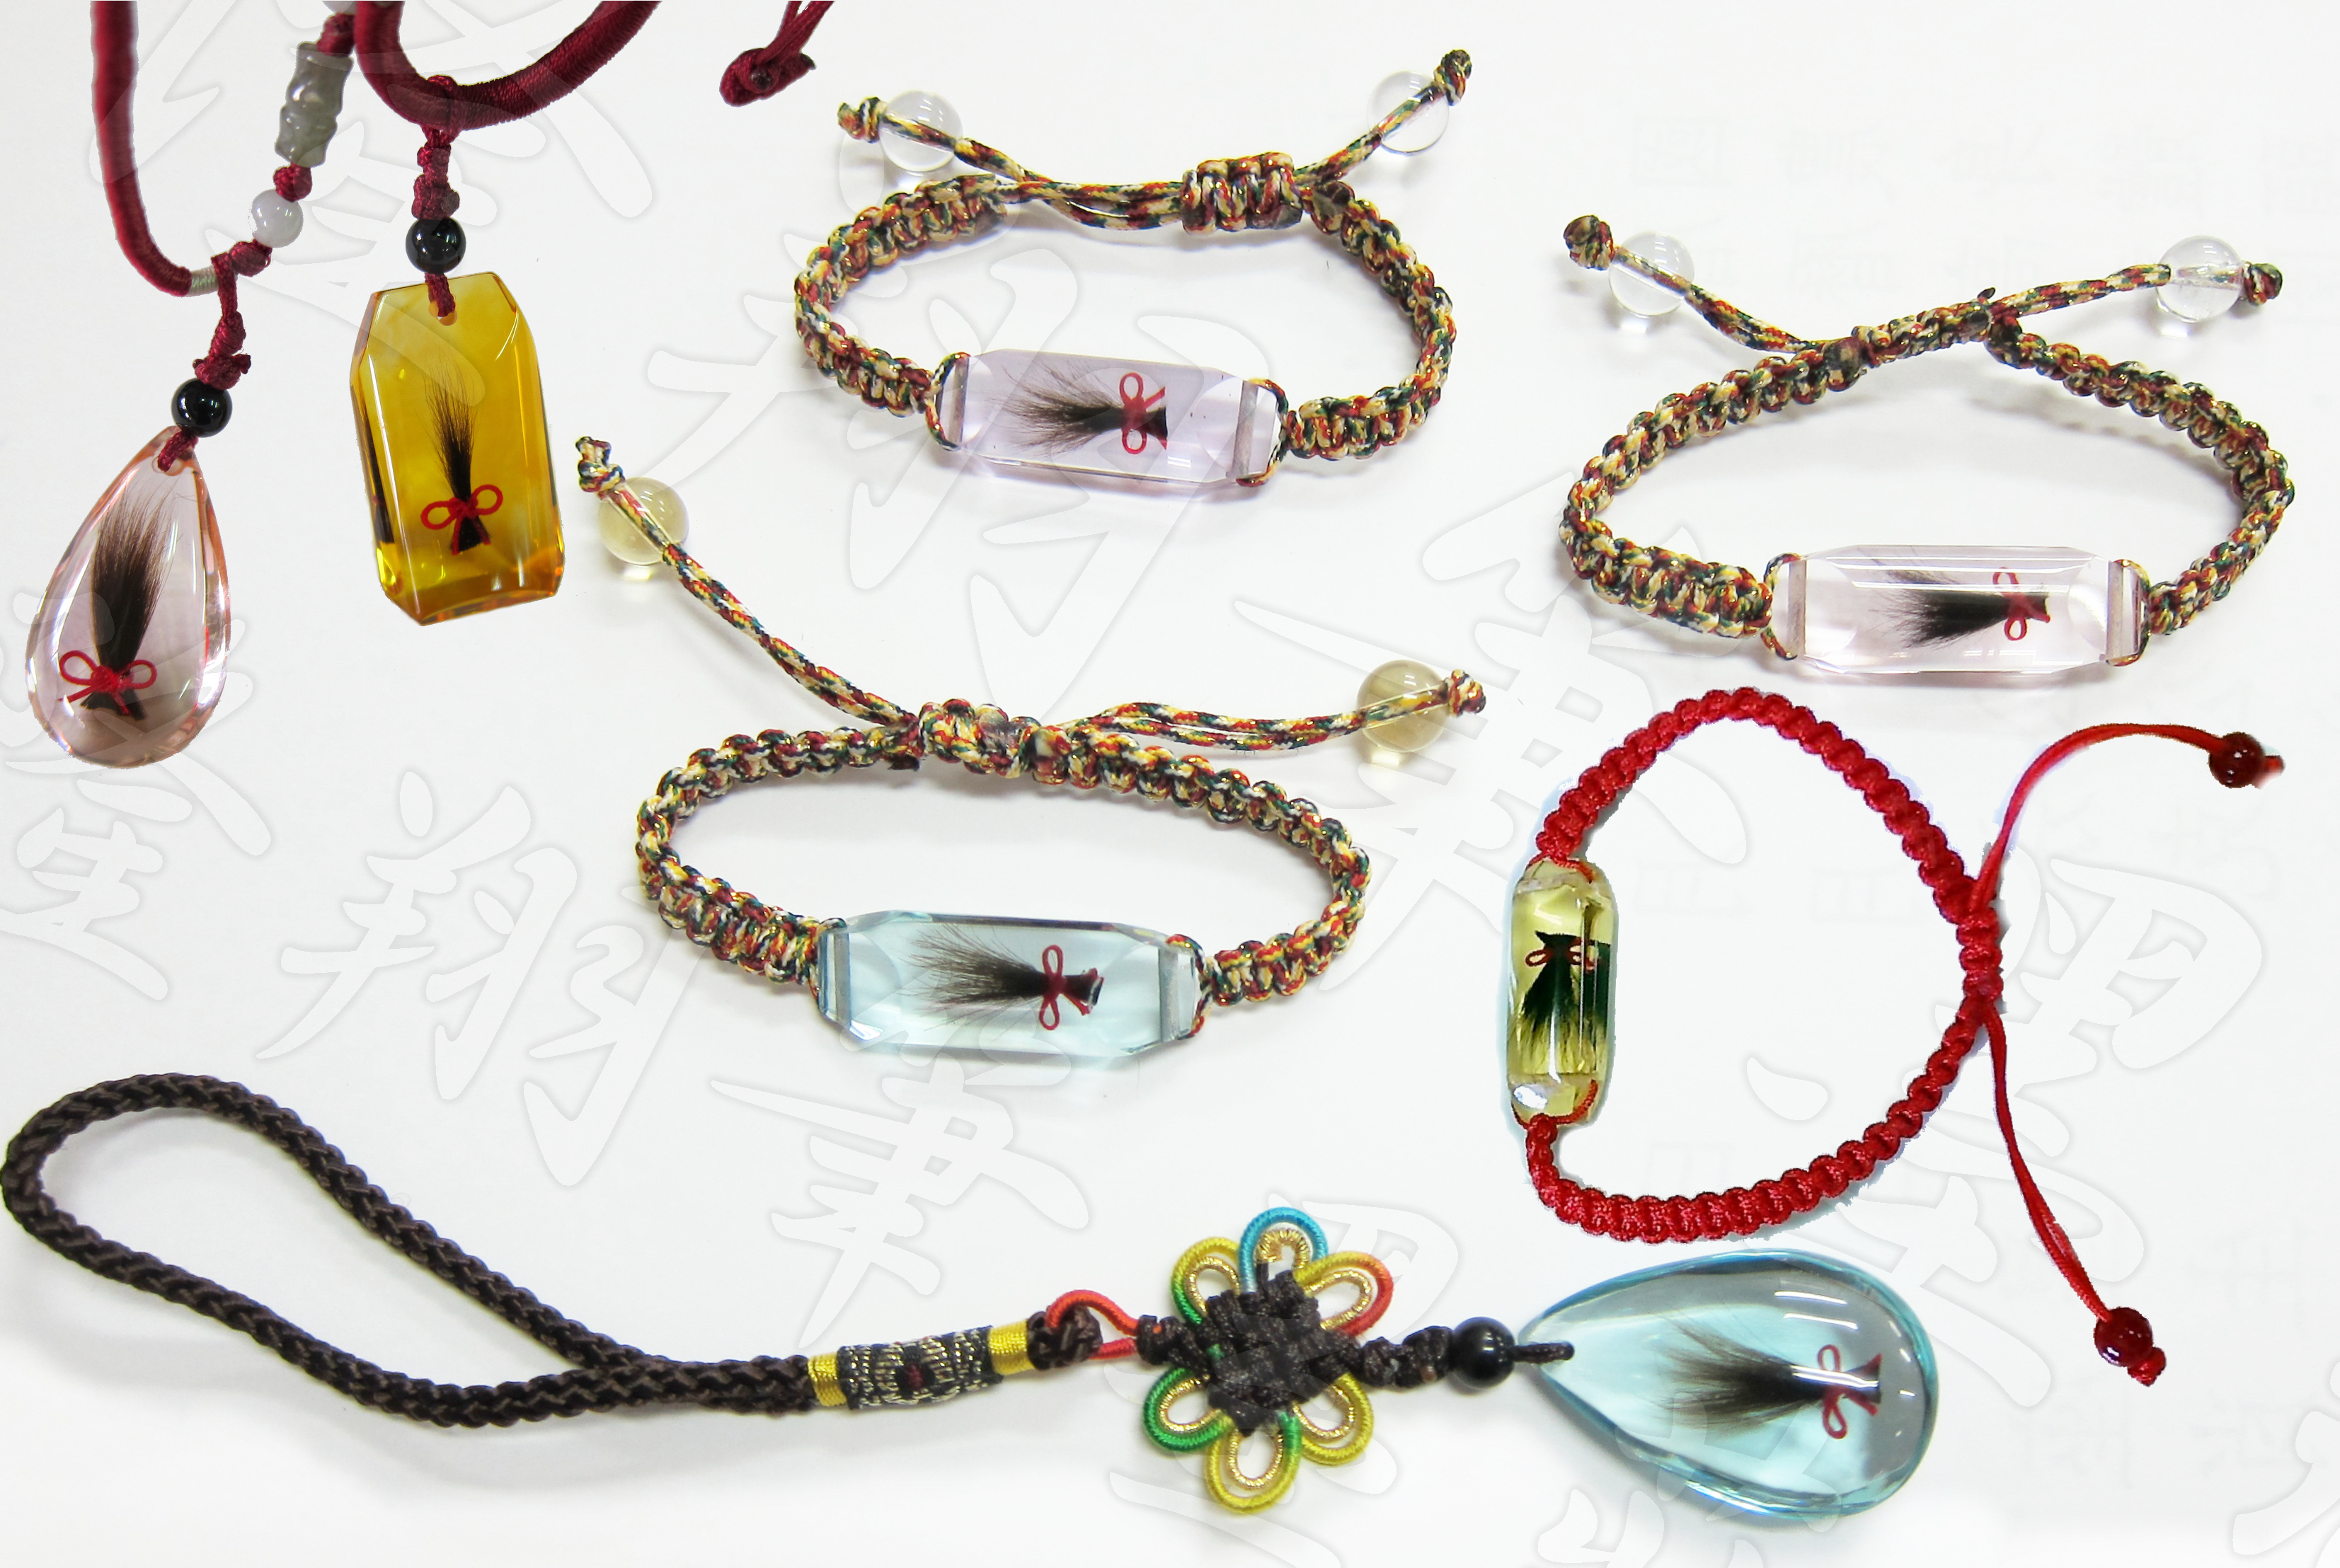 波麗仿水晶多色髮臍-手練,項鍊,吊飾